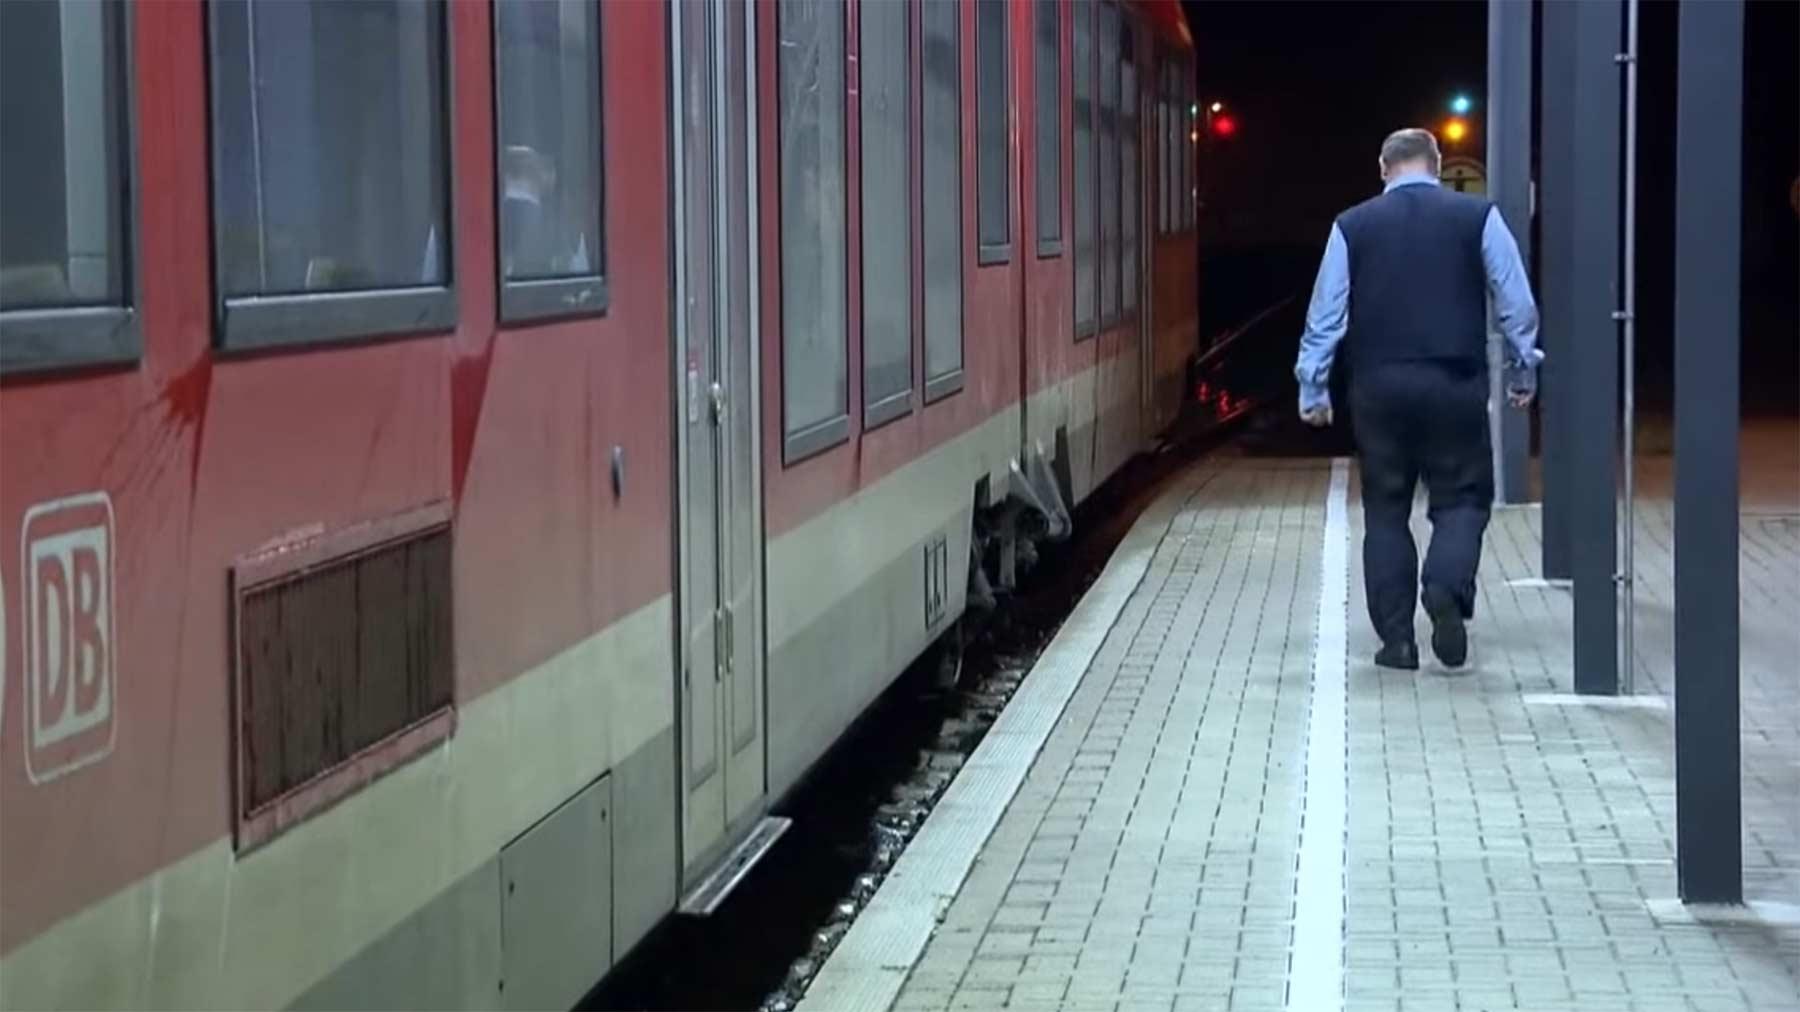 Realer Irrsinn: Leerer Pendlerzug in Thüringen extra3-realer-irrsinn-leerer-zug